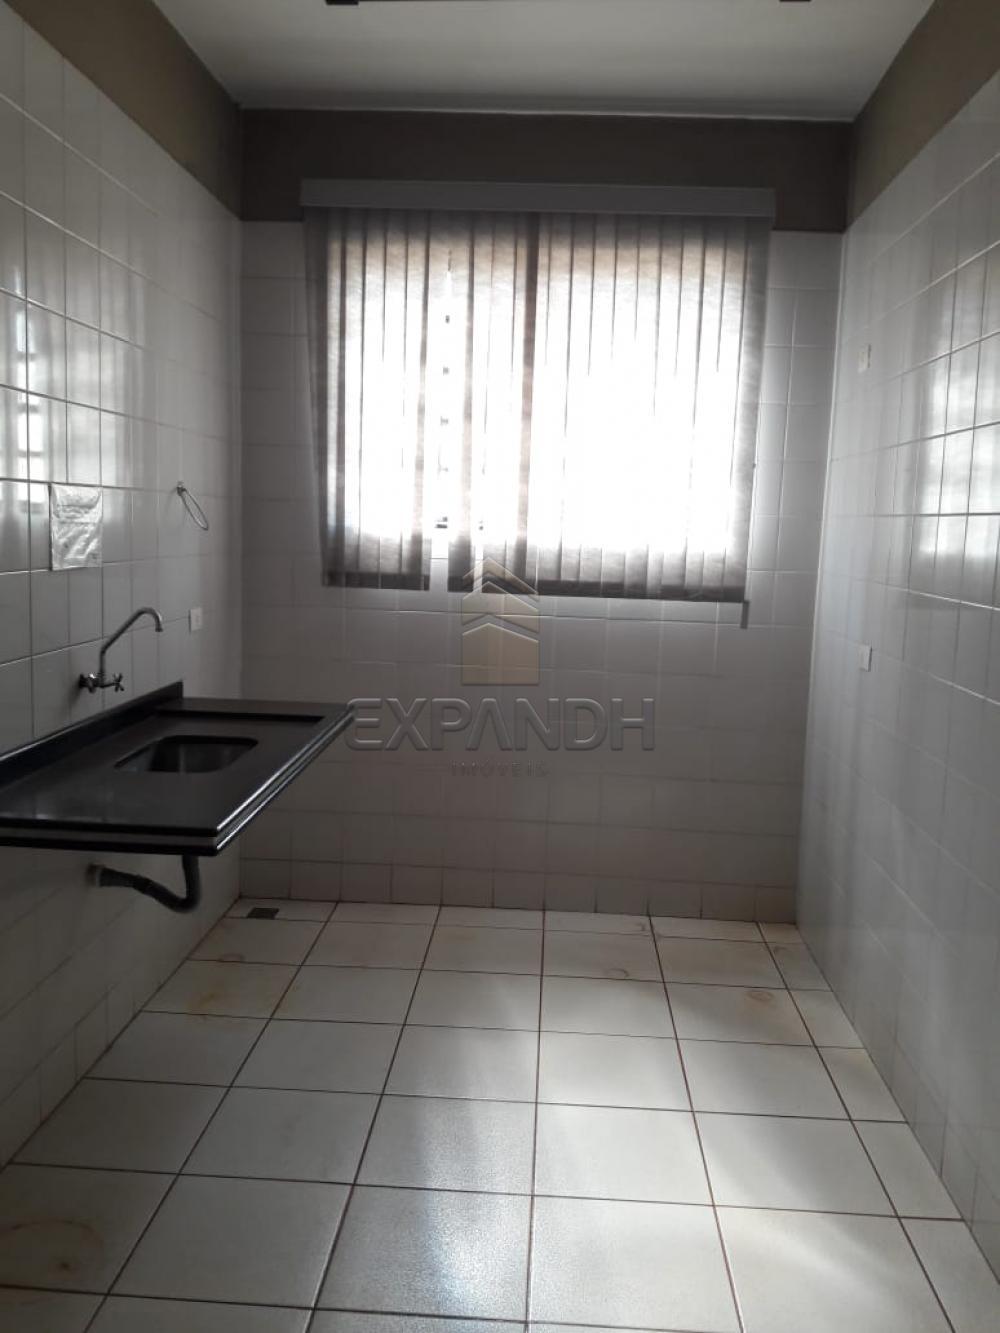 Alugar Comerciais / Barracão em Sertãozinho R$ 15.000,00 - Foto 12